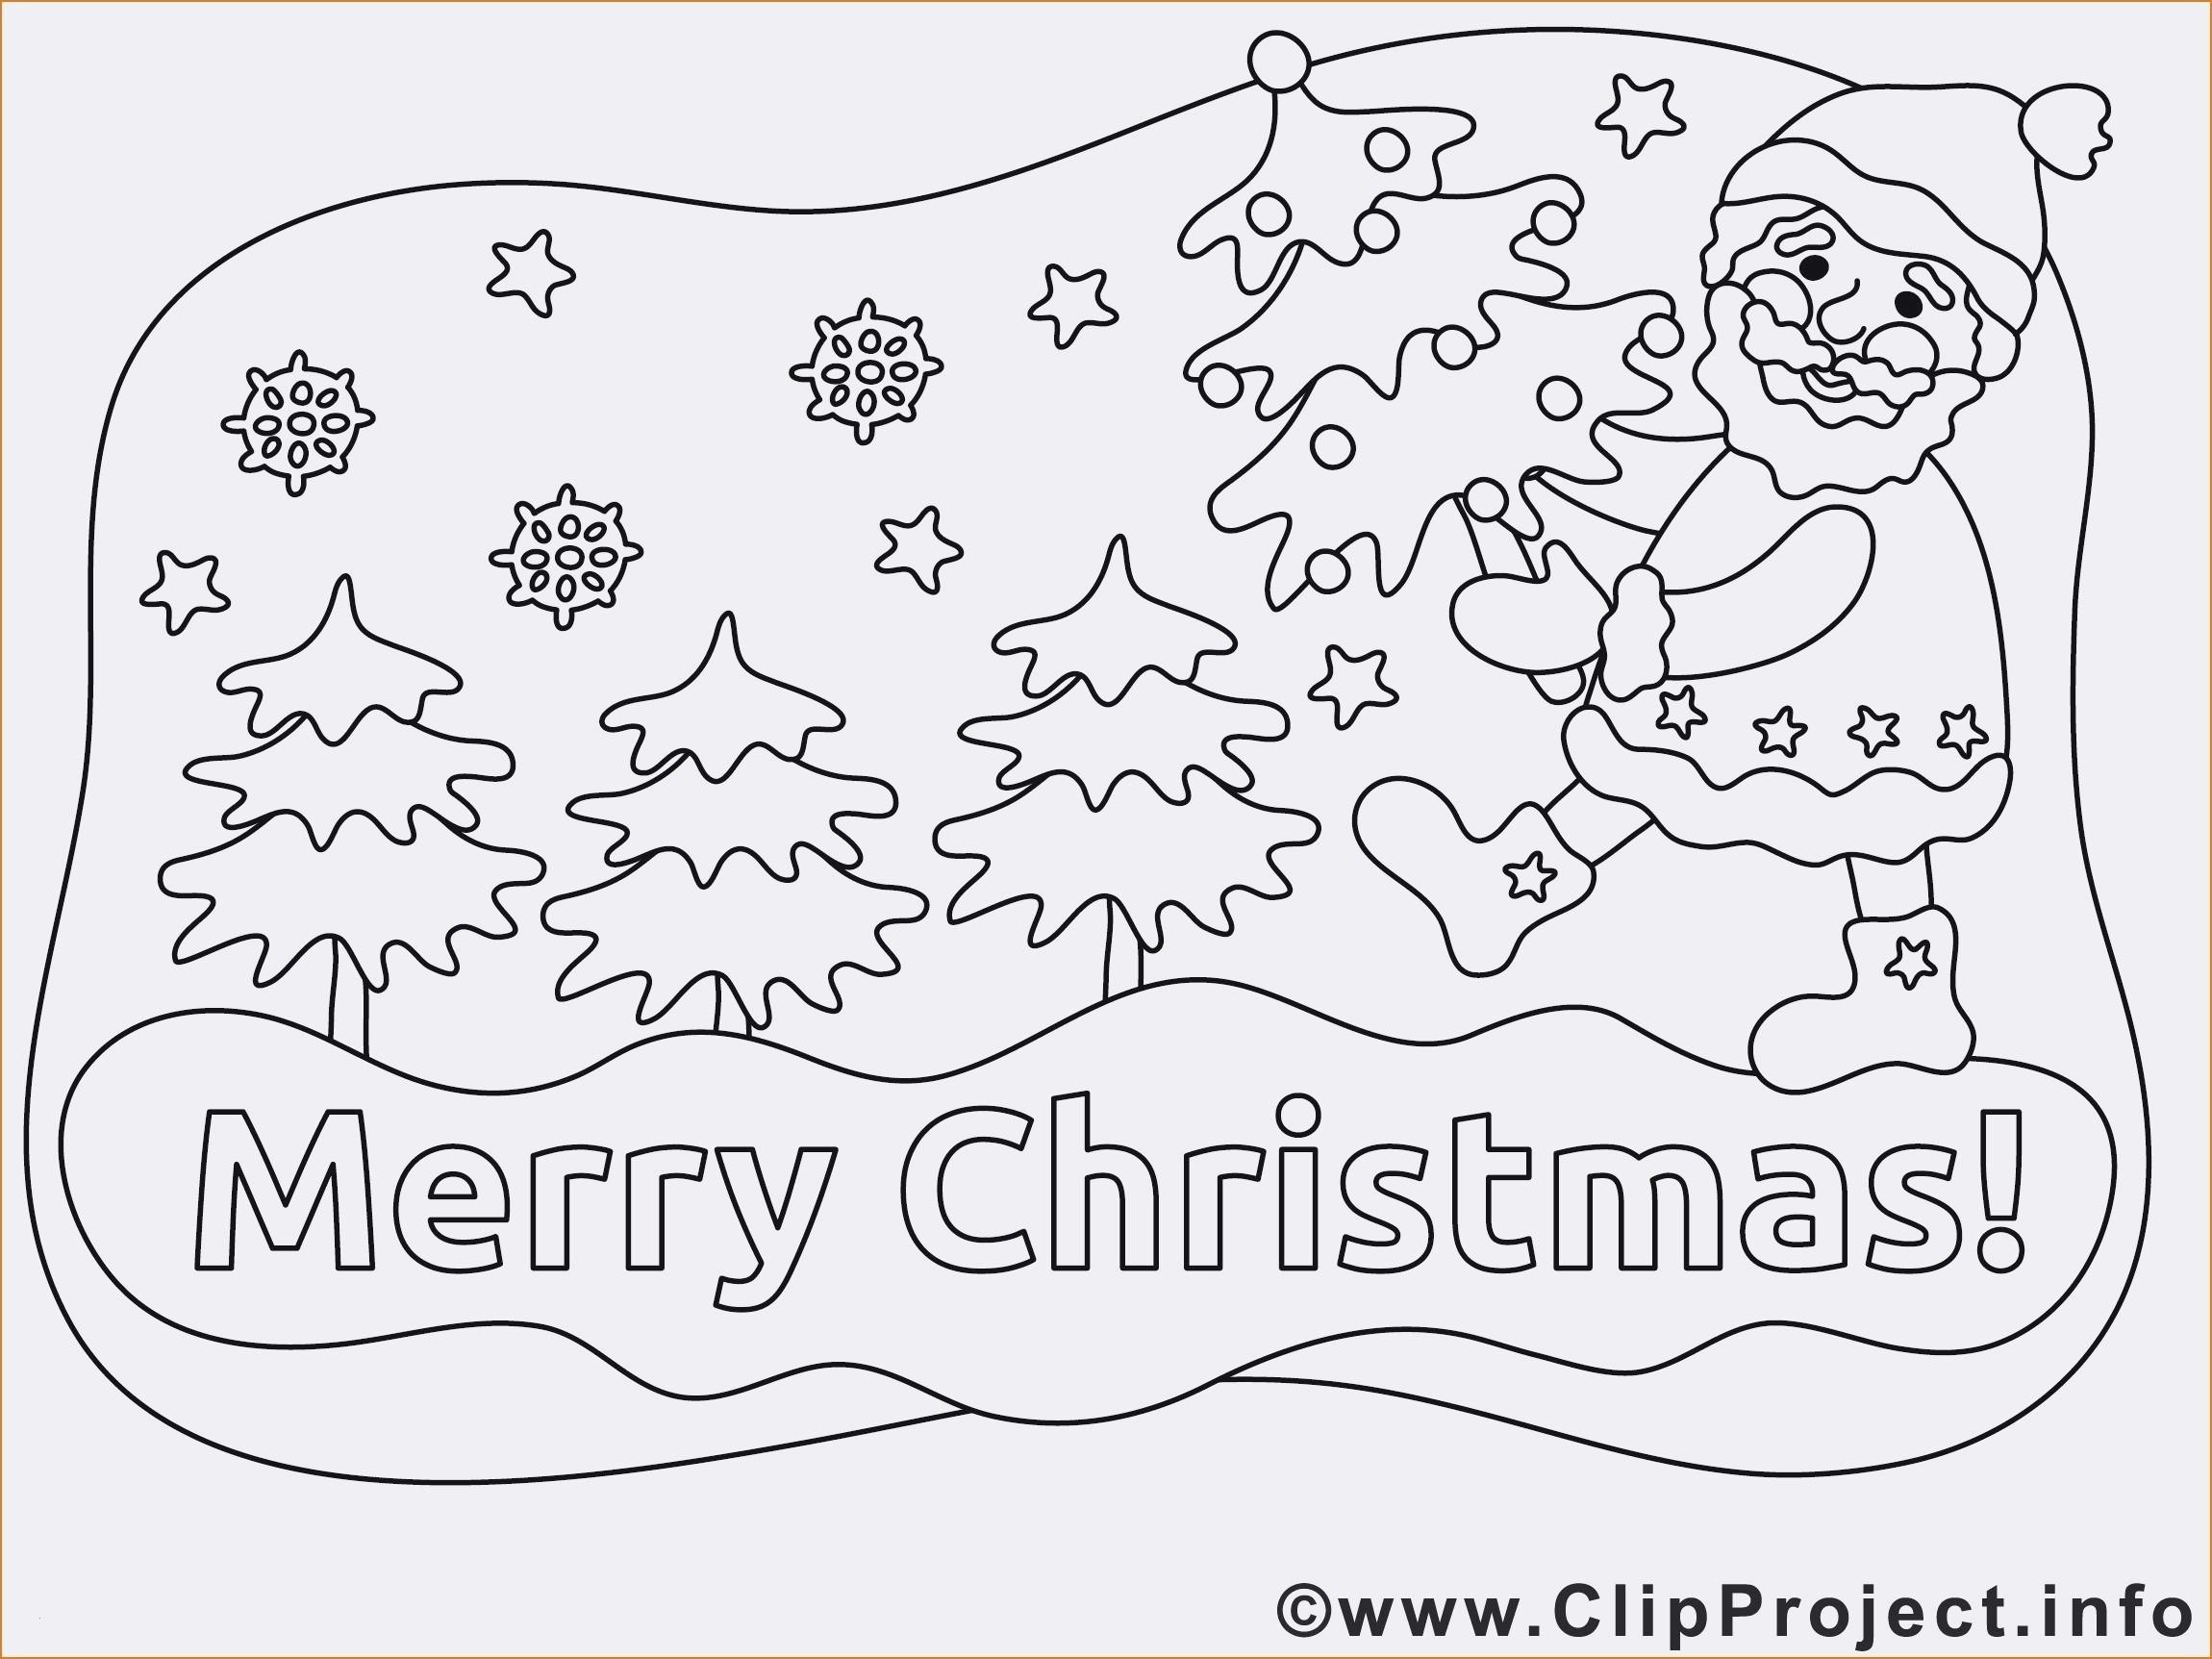 Ausmalbilder Weihnachten Disney Zum Ausdrucken Neu Ausmalbilder Weihnachten Krippe Mandala Kostenlos Ausdrucken Stock